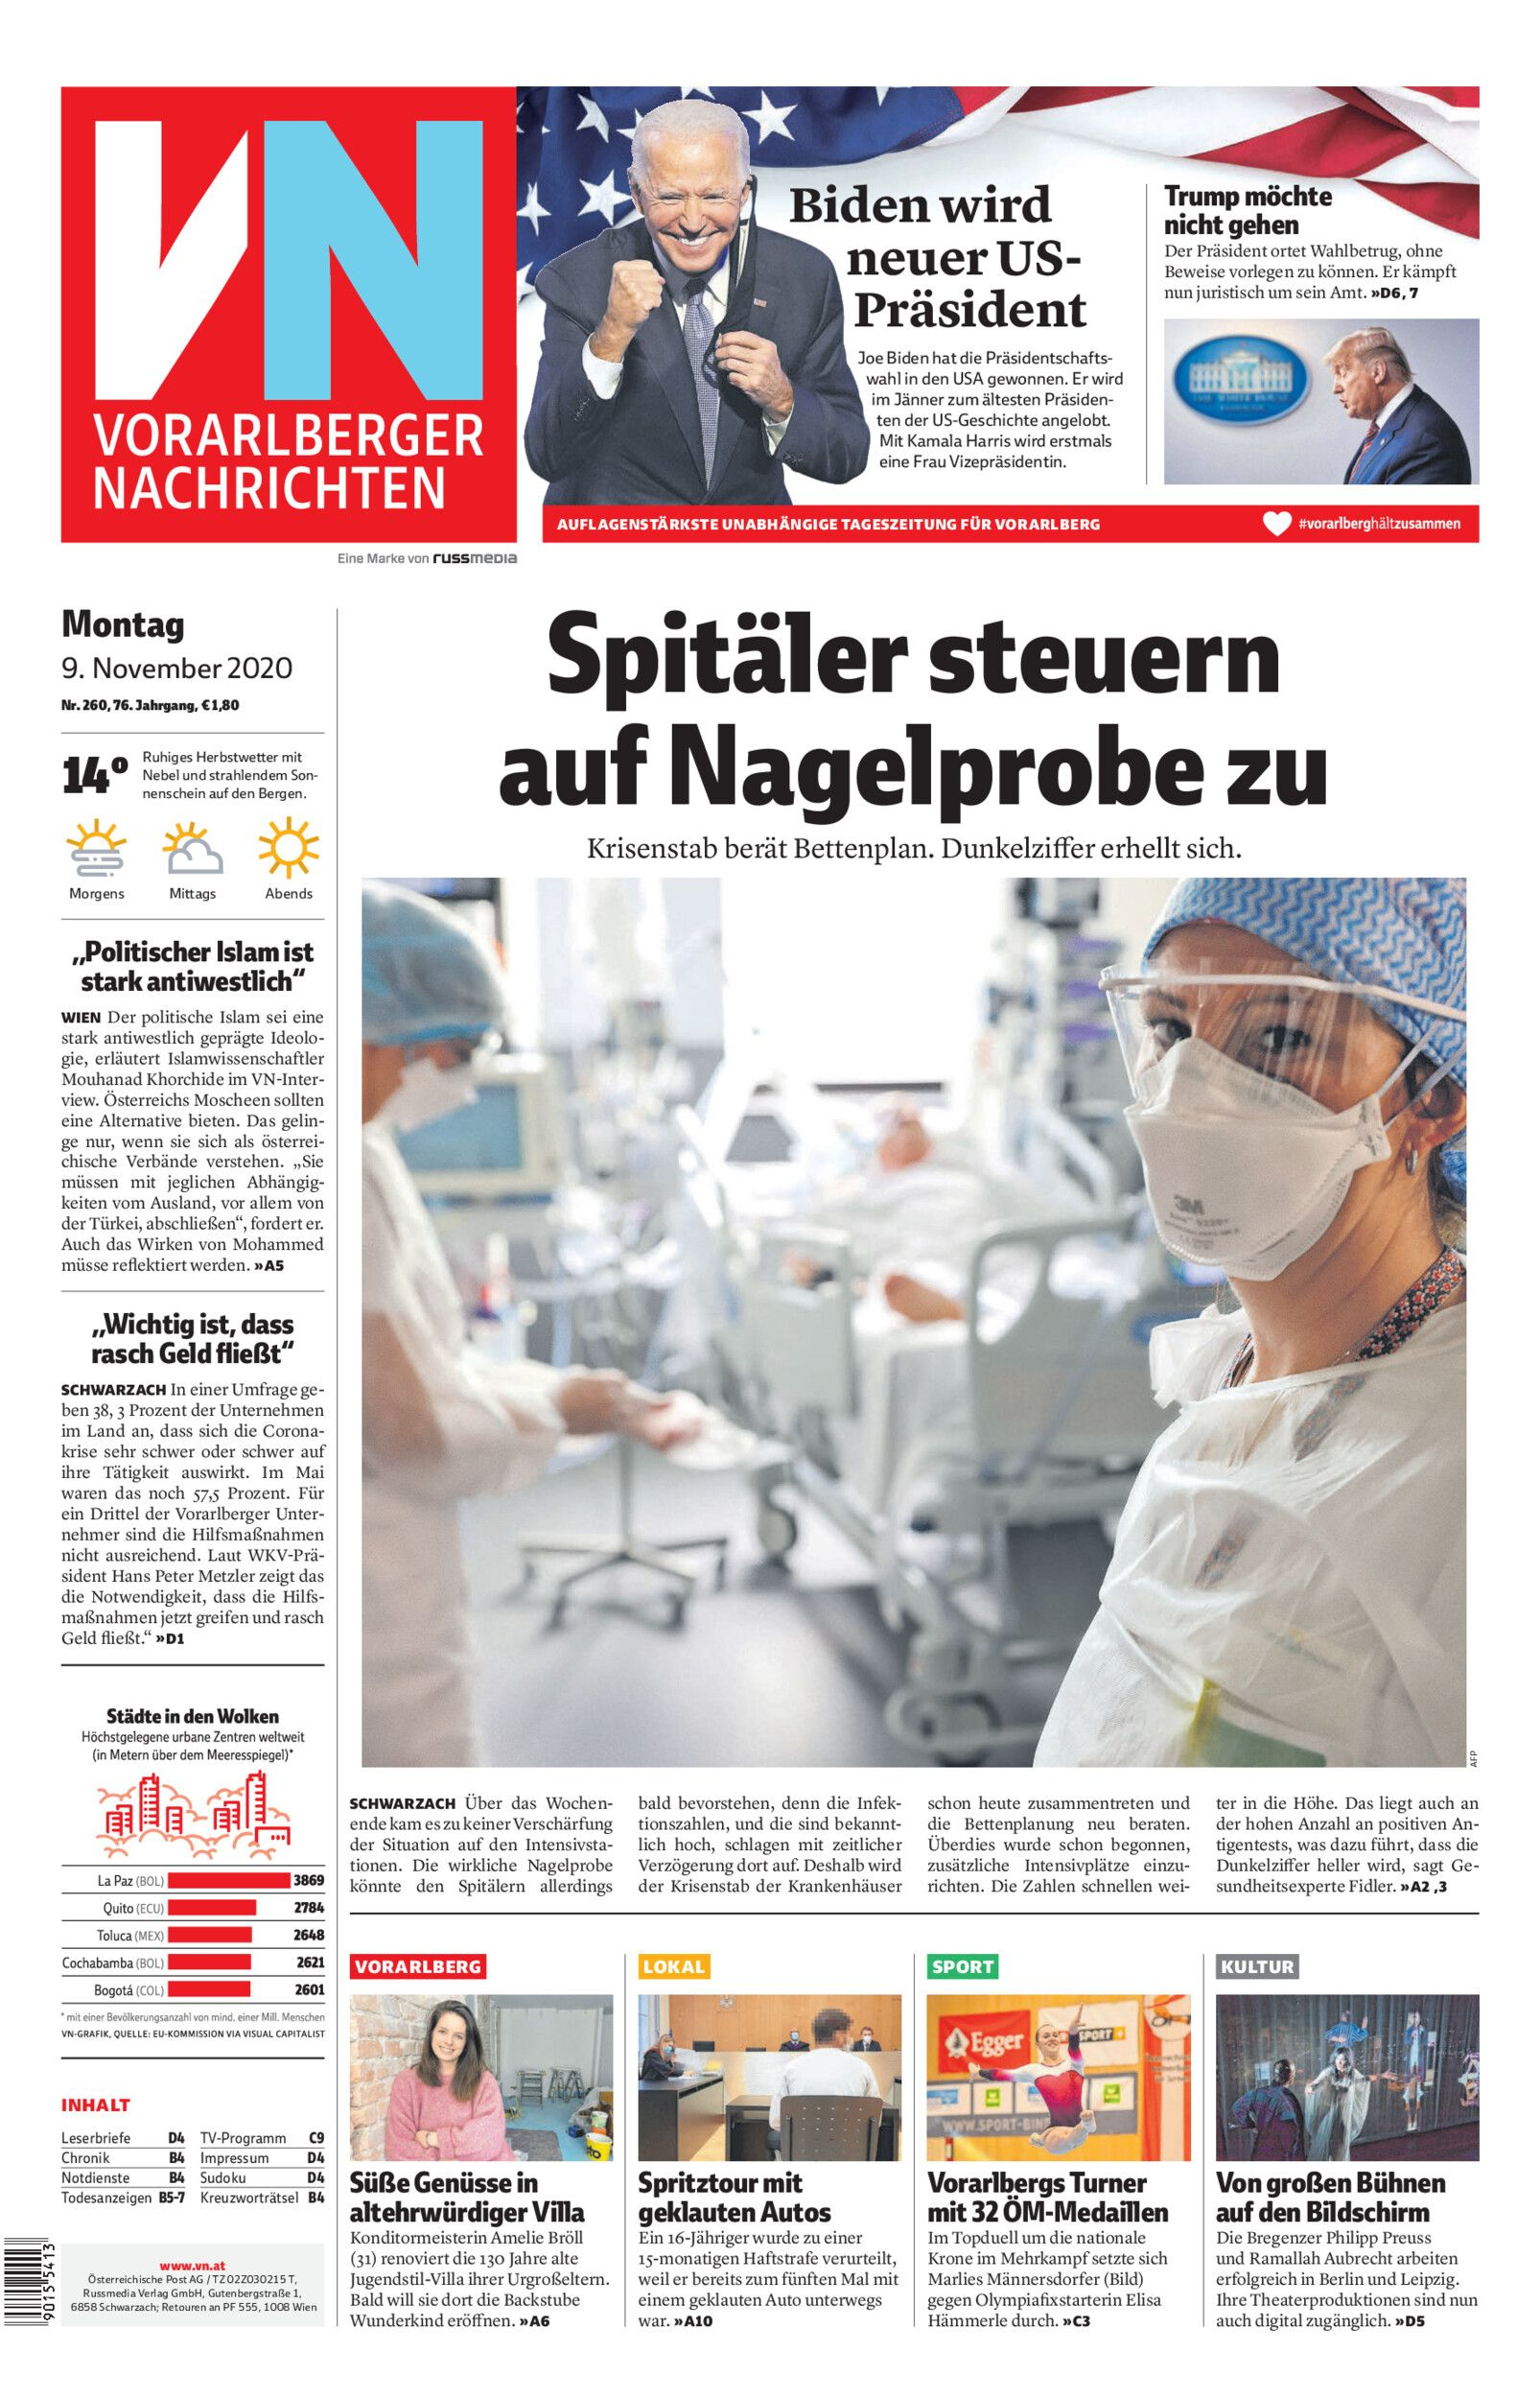 Vorarlberger Nachrichten | VN.AT